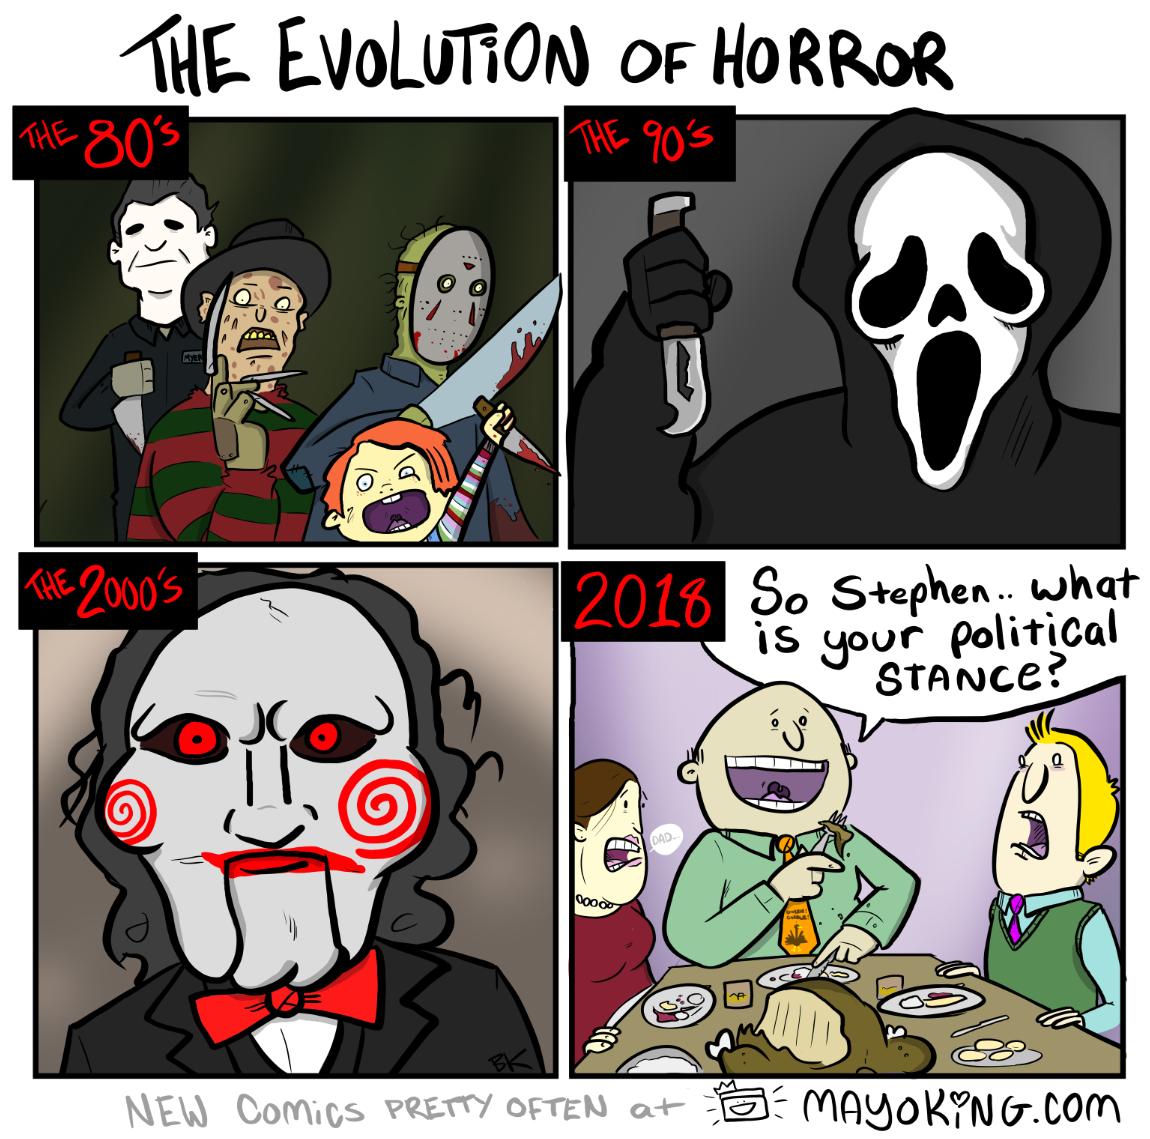 The Evolution of Horror